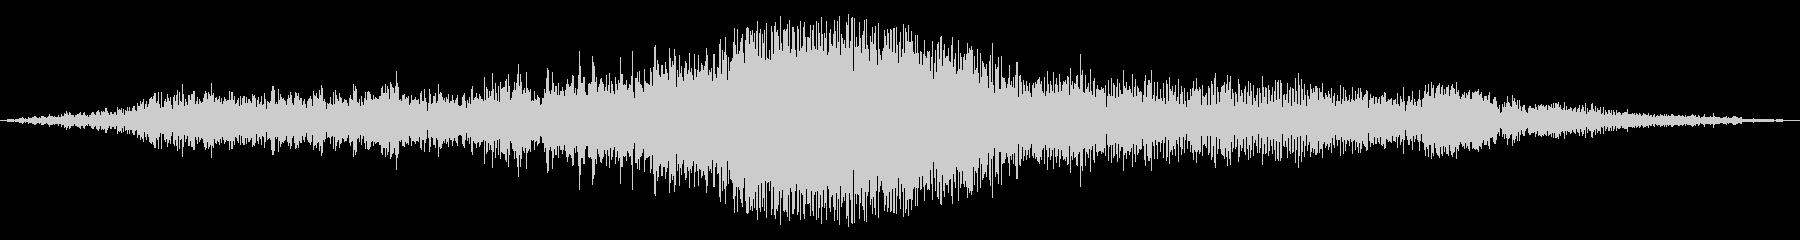 ブーン(車輌の通過する音)の未再生の波形